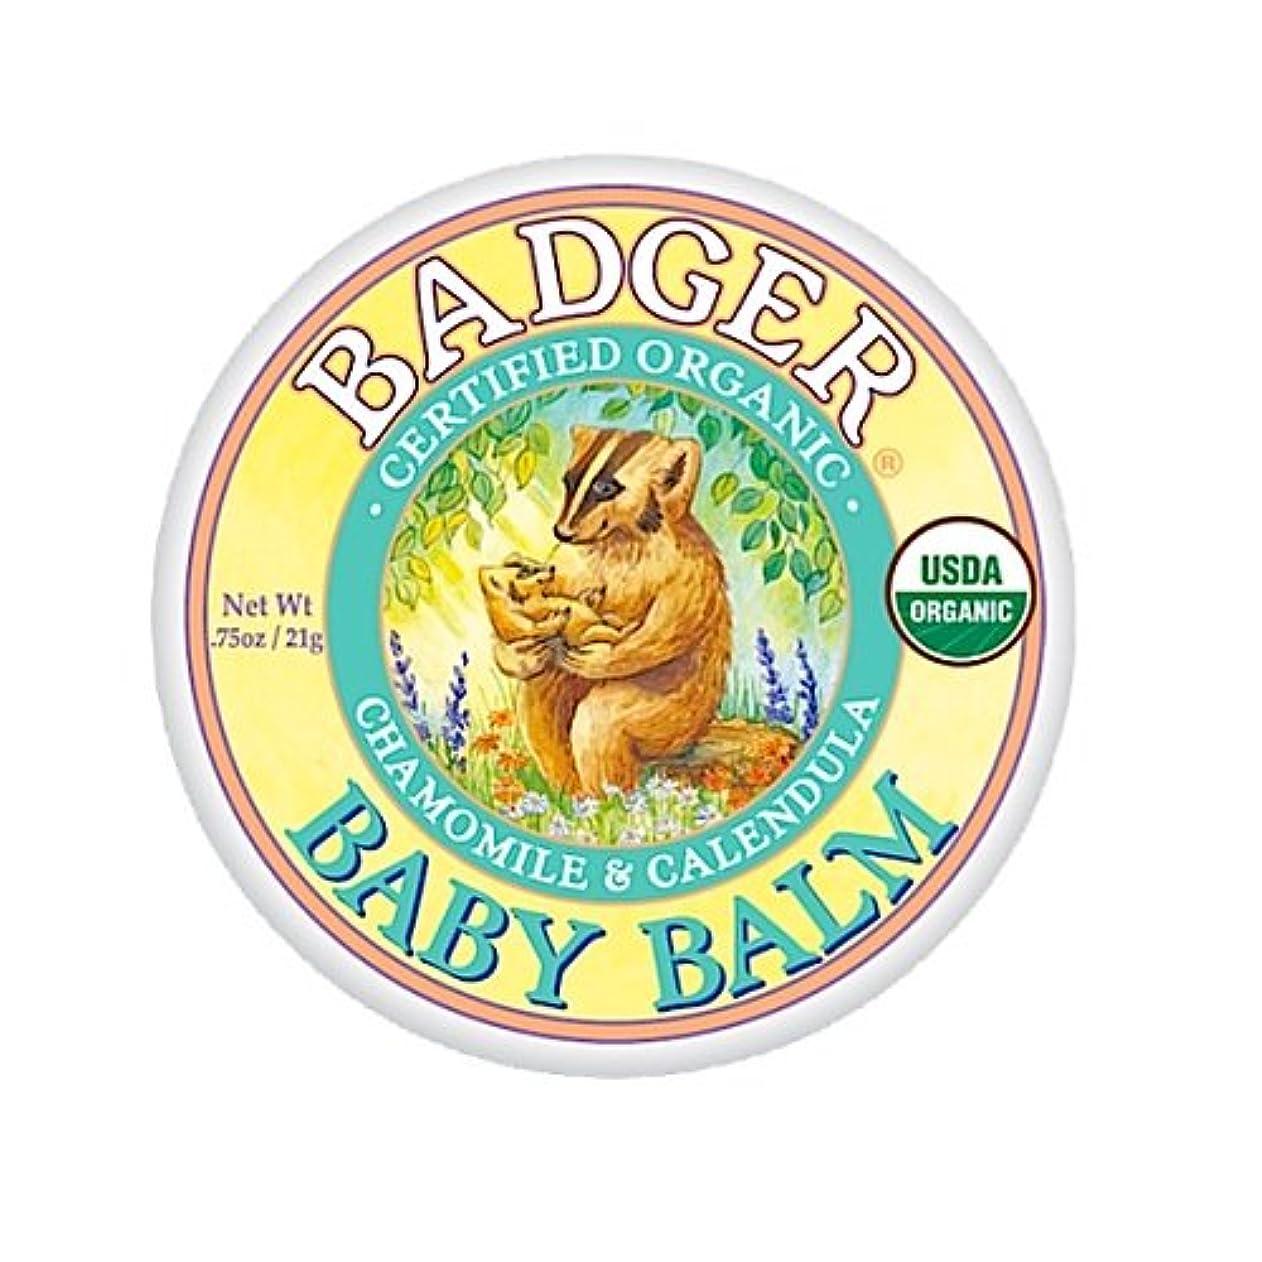 つま先有用手術Badger バジャー オーガニックベビークリーム カモミール & カレンドラ 21g【海外直送品】【並行輸入品】